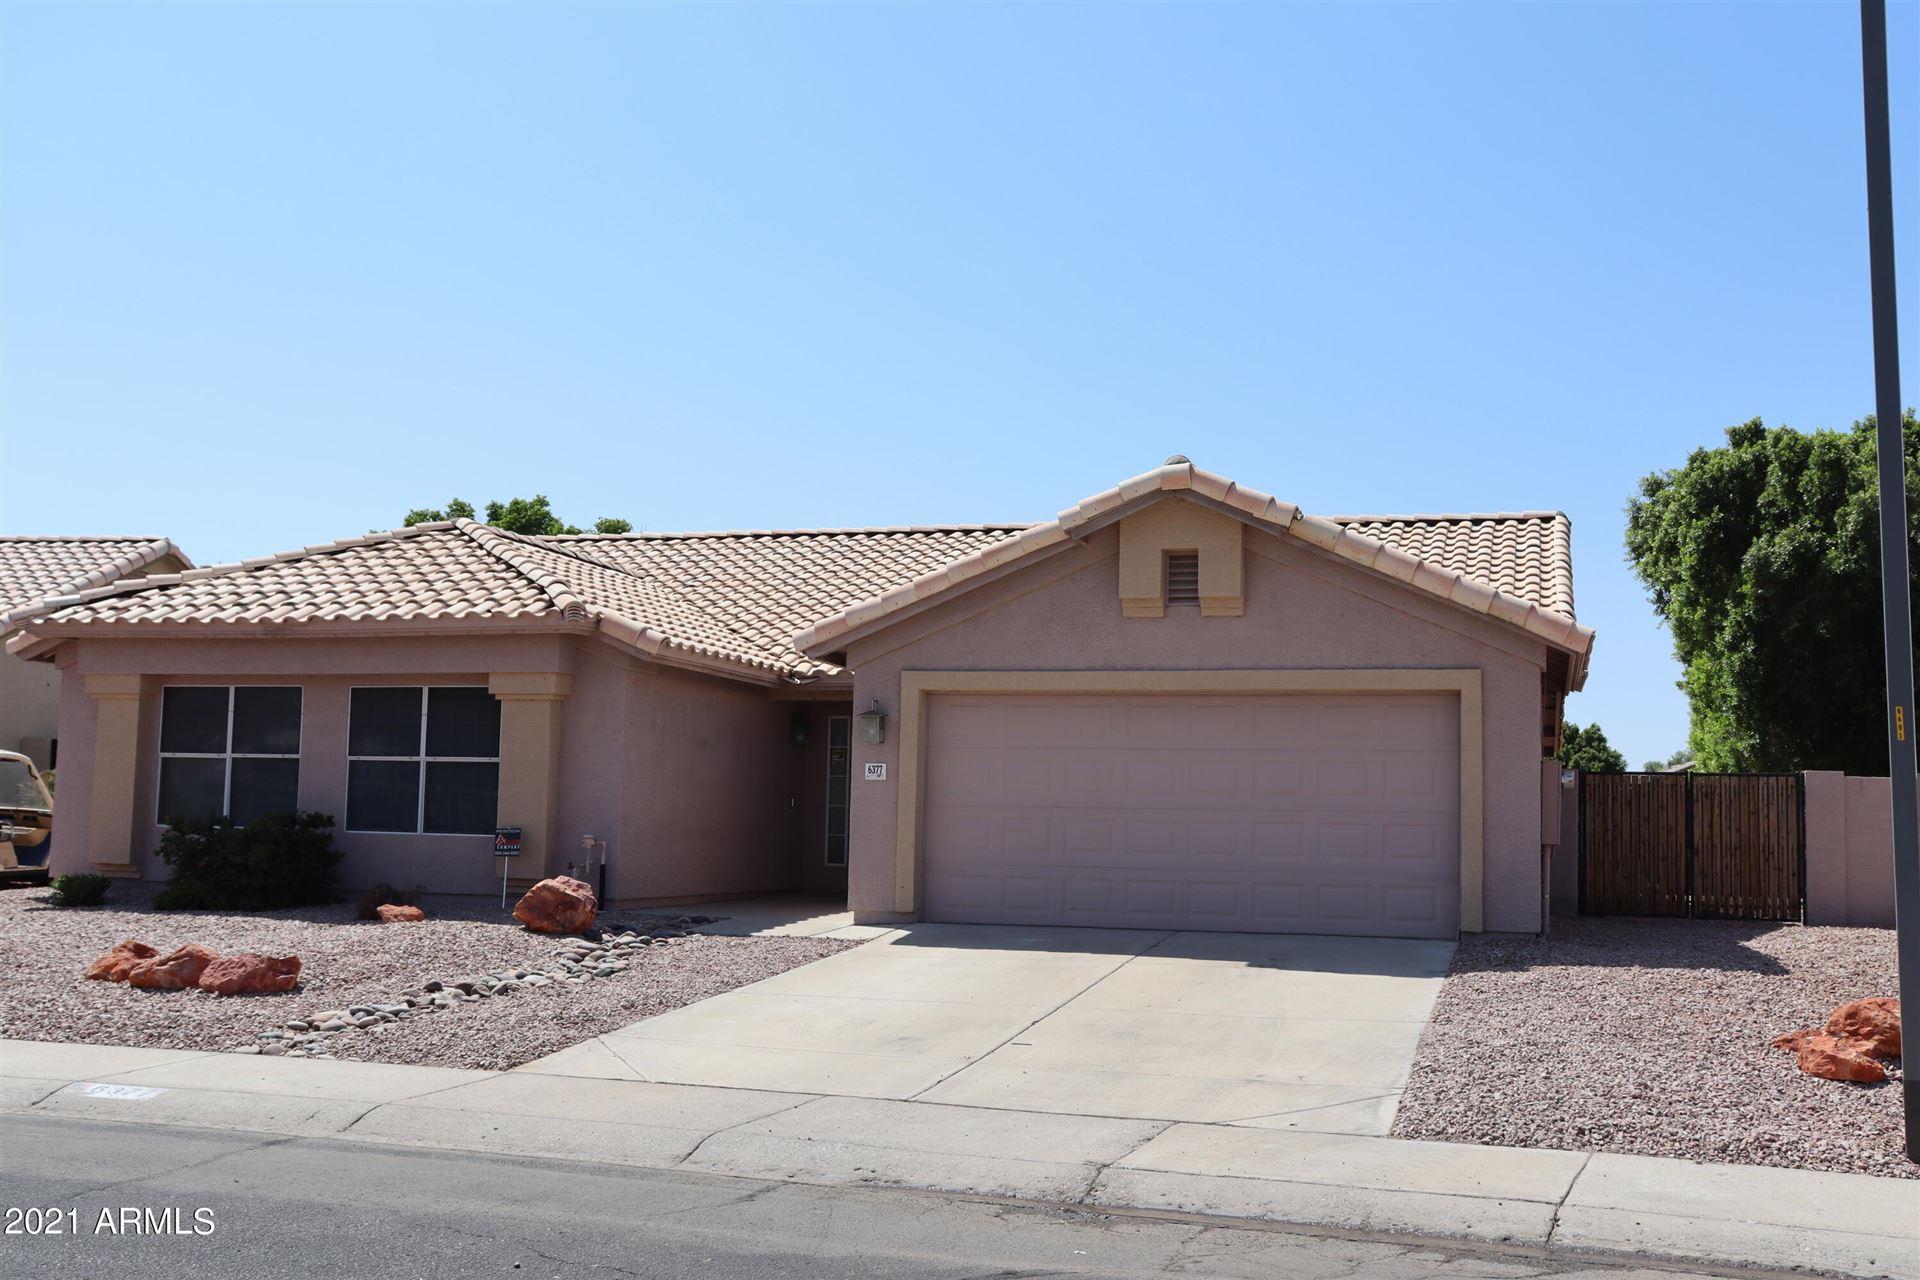 6377 W IRMA Lane, Glendale, AZ 85308 - MLS#: 6294046